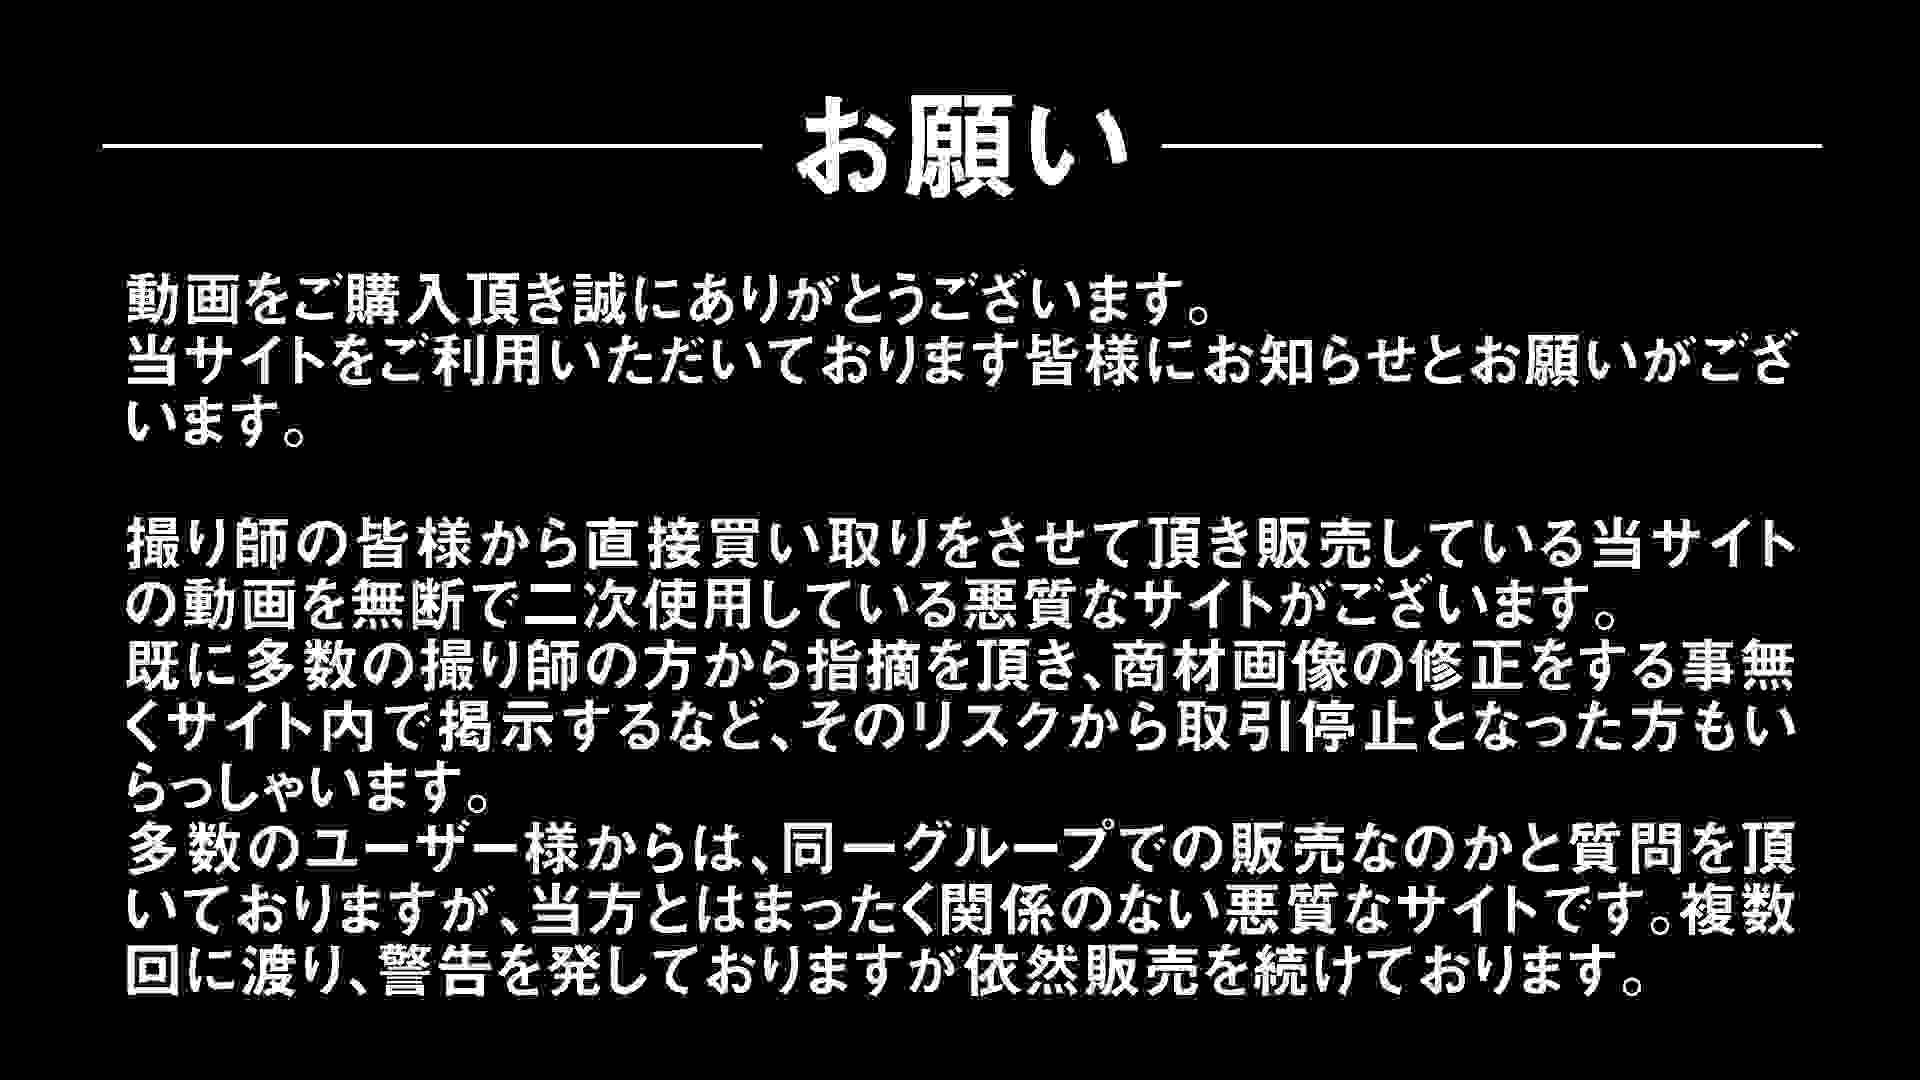 Aquaな露天風呂Vol.300 盗撮シリーズ  110PIX 4